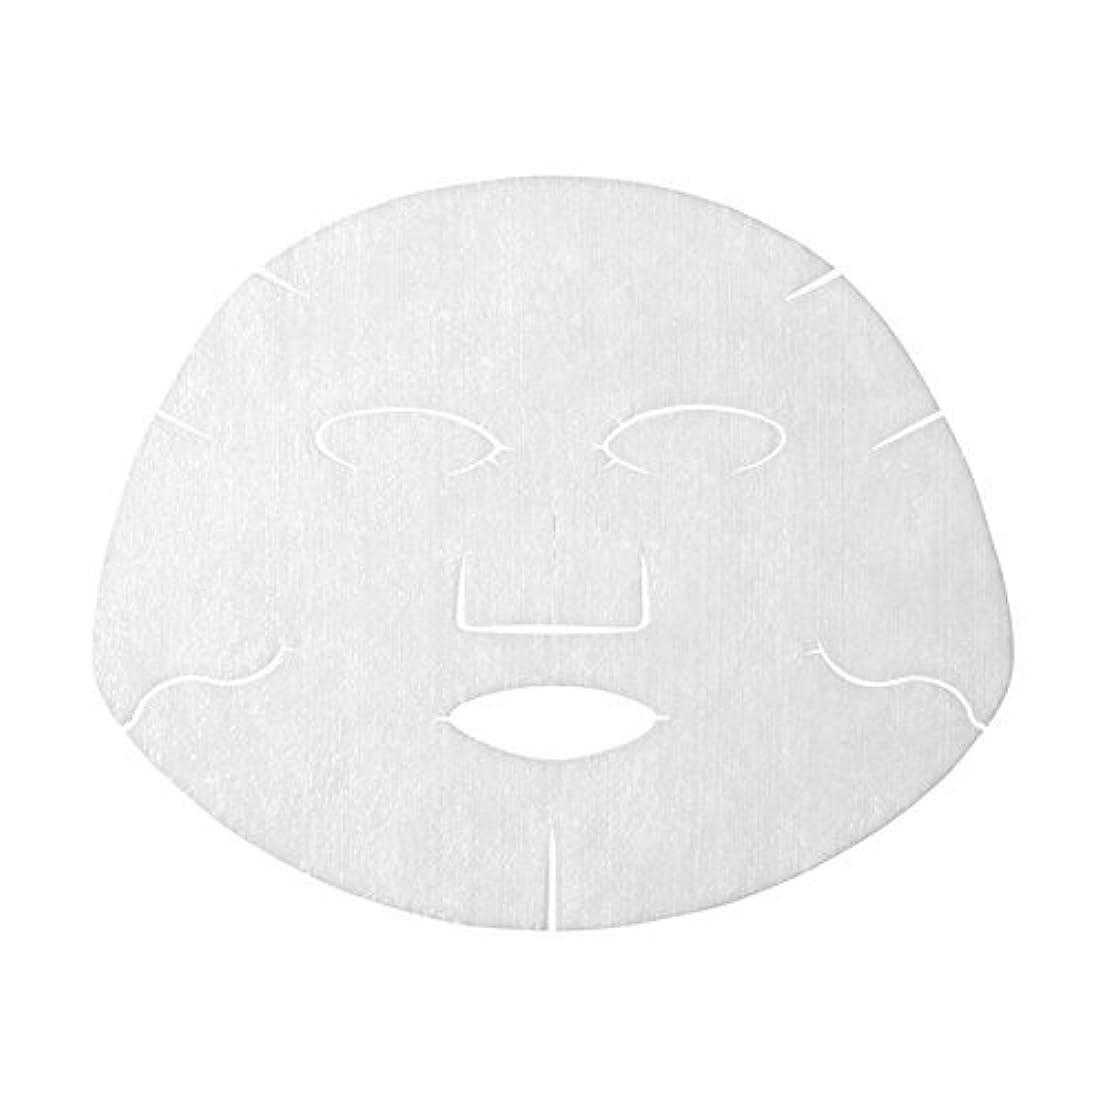 ヘロイン国民配偶者アクアレーベル モイストチャージマスク <1枚入り> 23mLX1枚 ×3個